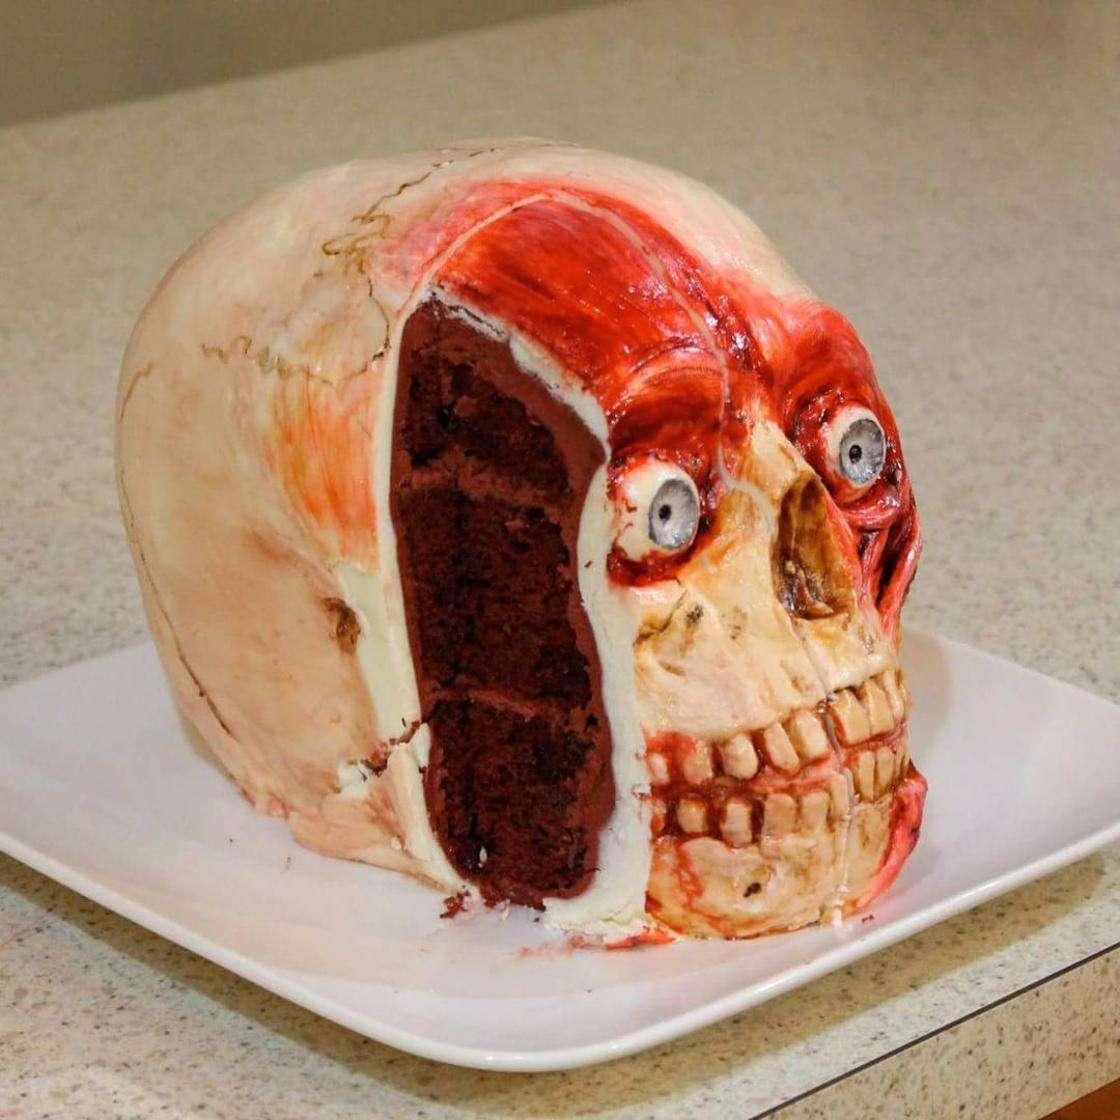 torte horror - deviant desserts 28 - Torte horror e dolcetti insanguinati. Le inquietanti creazioni di Deviant dessert